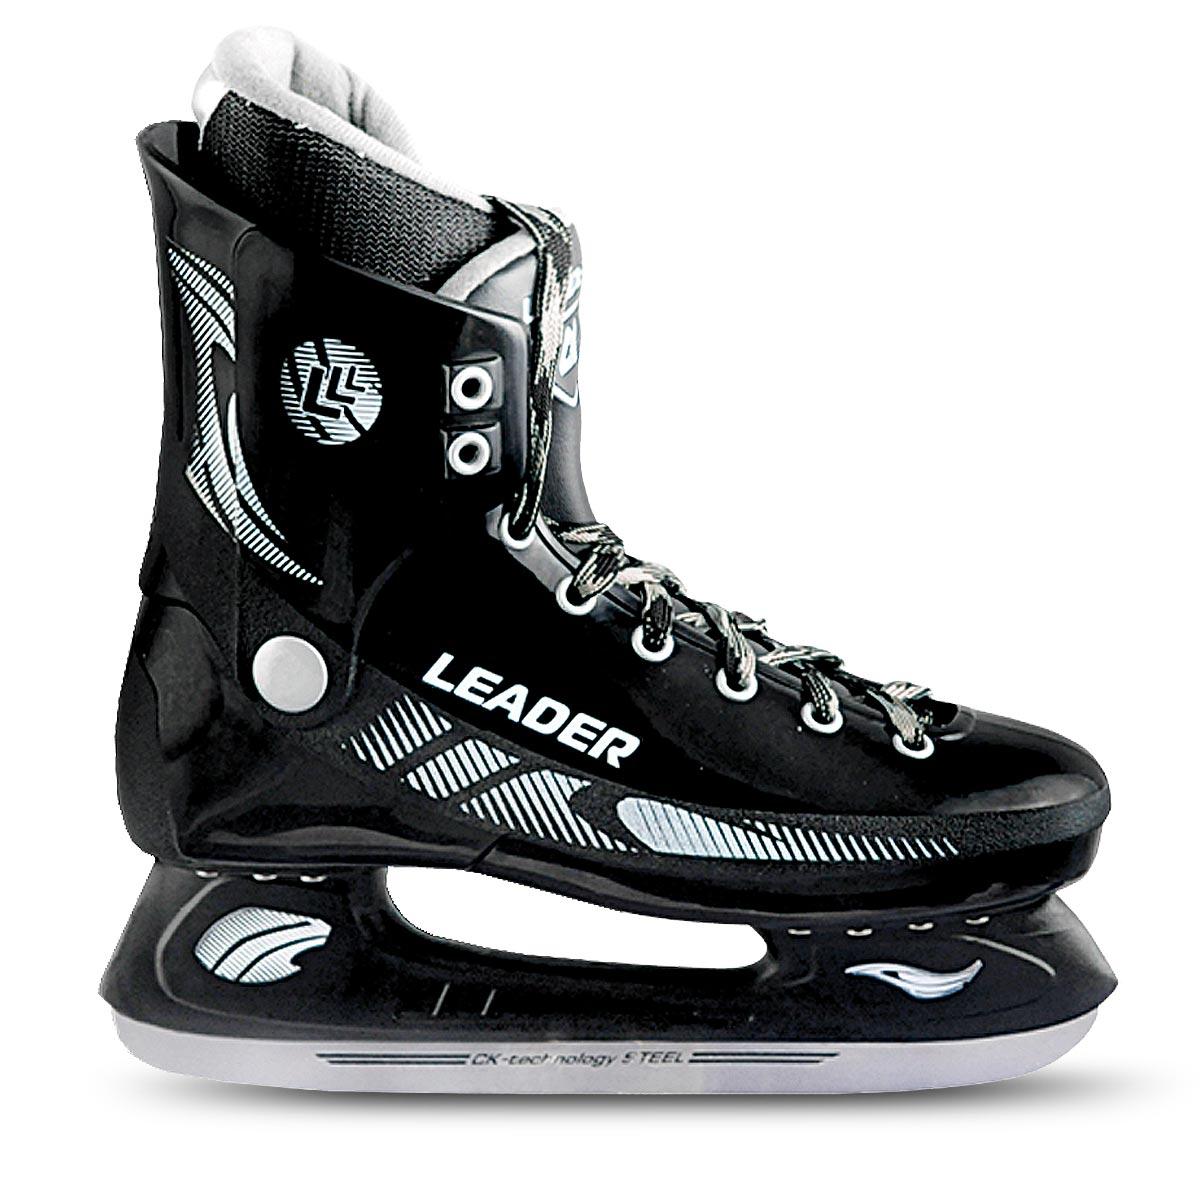 Коньки хоккейные мужские LeaderLEADERСтильные коньки от CK Master Leader с ударопрочной защитной конструкцией отлично подойдут для начинающих обучаться катанию. Ботинки изготовлены из морозостойкого полимера, который защитит ноги от ударов. Верх изделия оформлен классической шнуровкой, надежно фиксирующей голеностоп. Сапожок, выполненный из комбинации капровелюра и искусственной кожи, оформлен принтом и тиснением в виде логотипа бренда. Внутренняя поверхность, дополненная утеплителем, и стелька исполнены из текстиля. Фигурное лезвие изготовлено из нержавеющей углеродистой стали со специальным покрытием, придающим дополнительную прочность. Усиленная двух-стаканная рама декорирована с одной из боковых сторон оригинальным принтом. Стильные коньки придутся вам по душе.